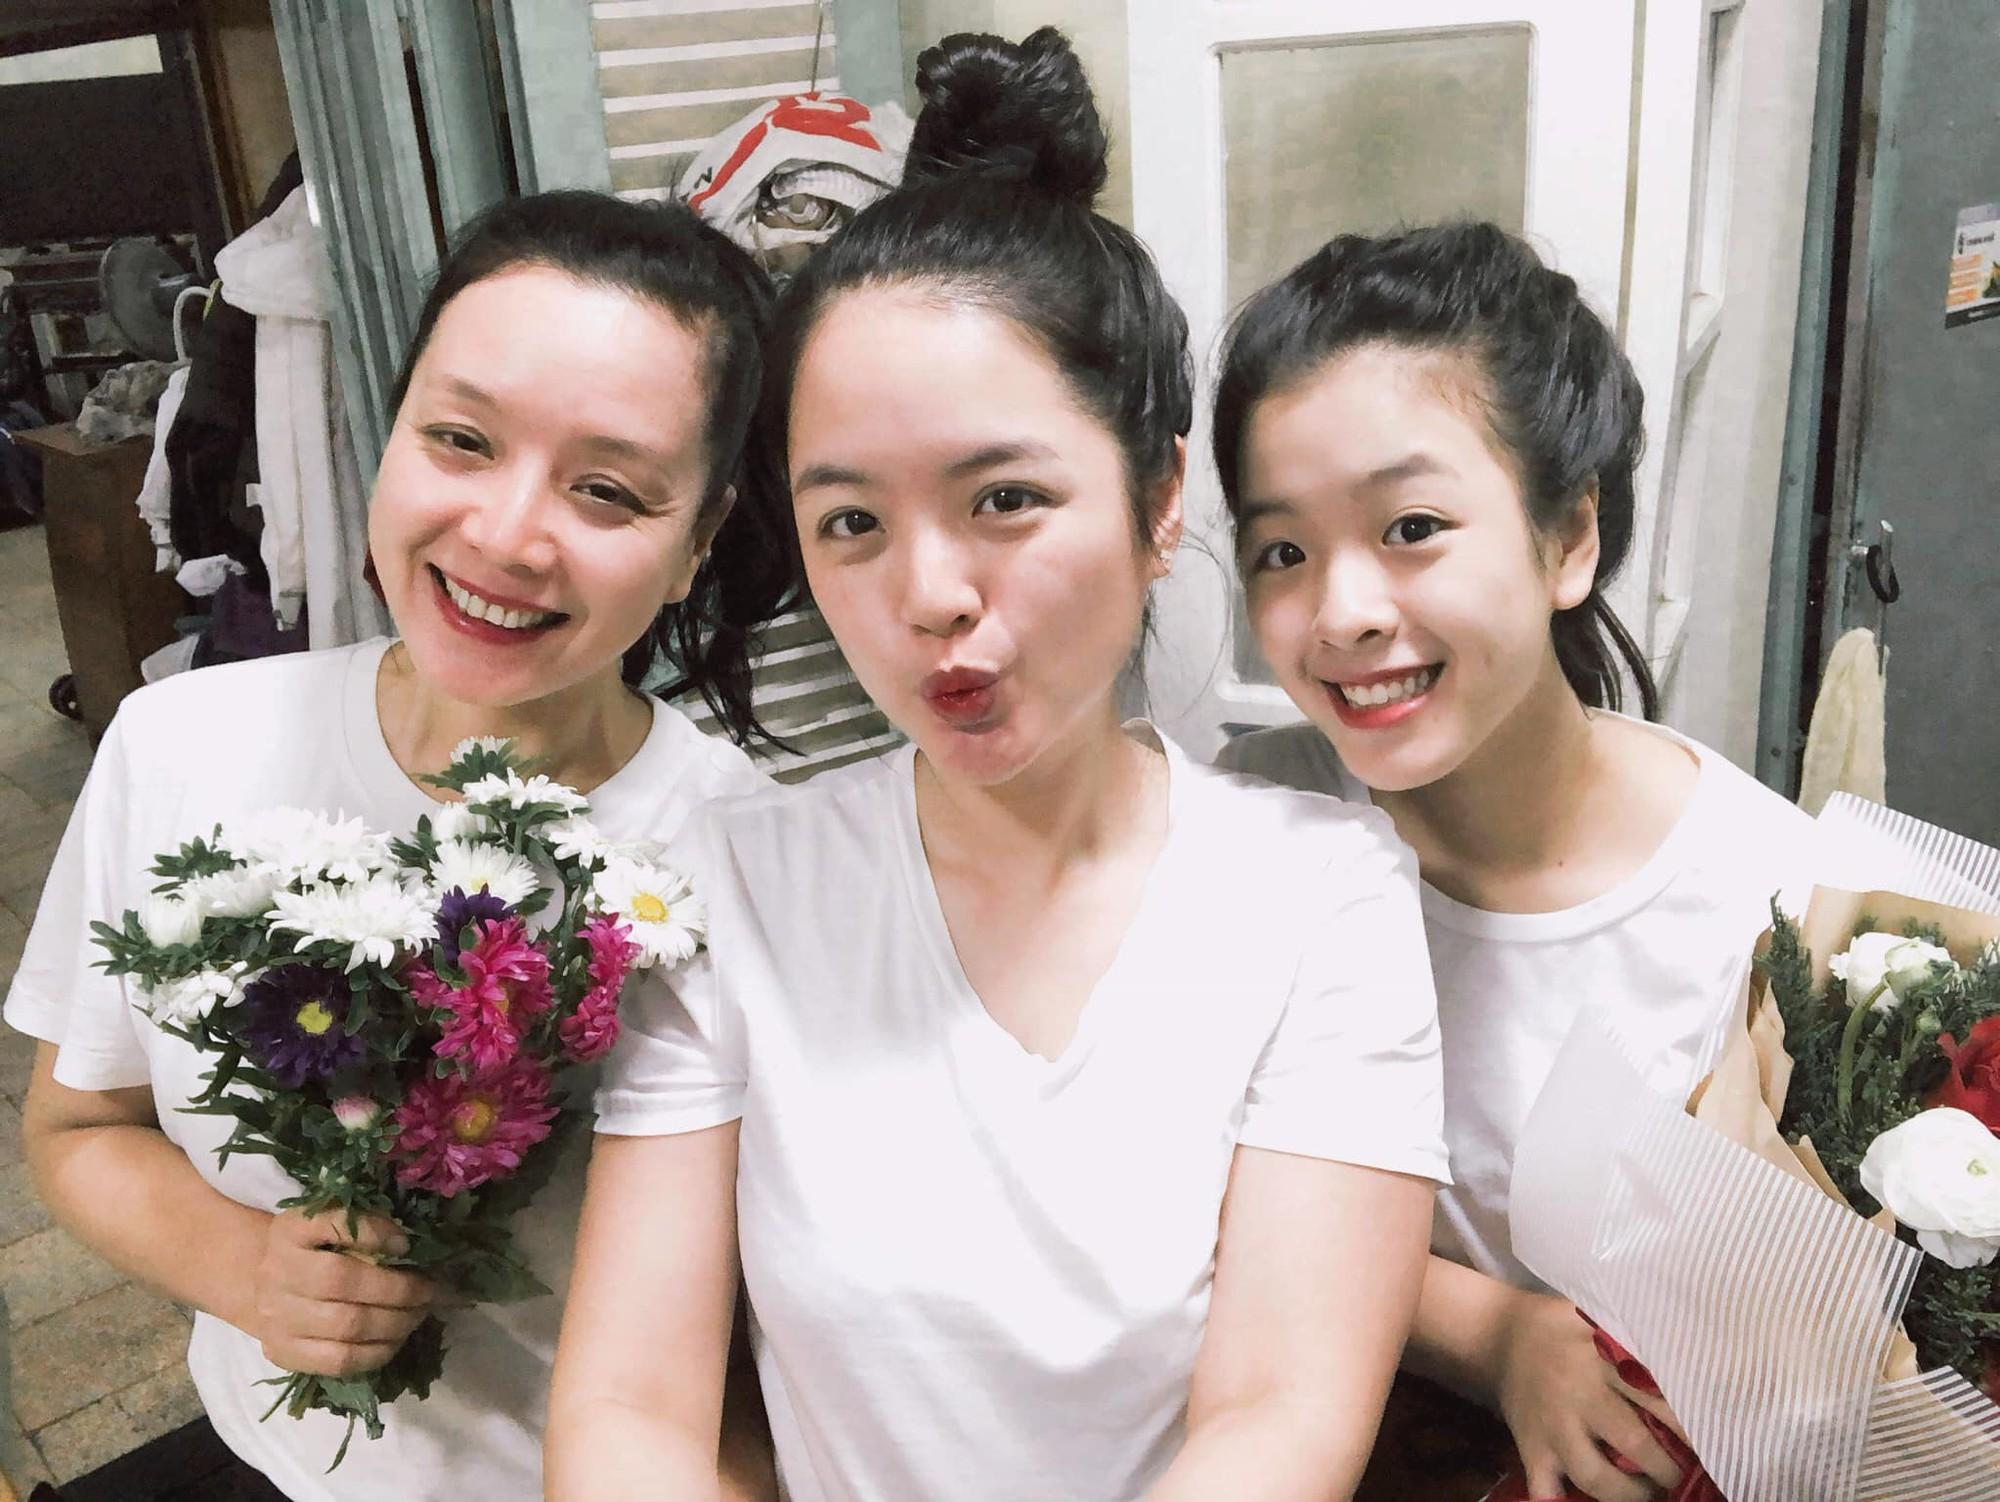 NSƯT Chiều Xuân chia sẻ loạt ảnh hiếm thời còn là nữ sinh trung học, nhan sắc thanh tú đúng chuẩn con gái Hà thành - Ảnh 5.